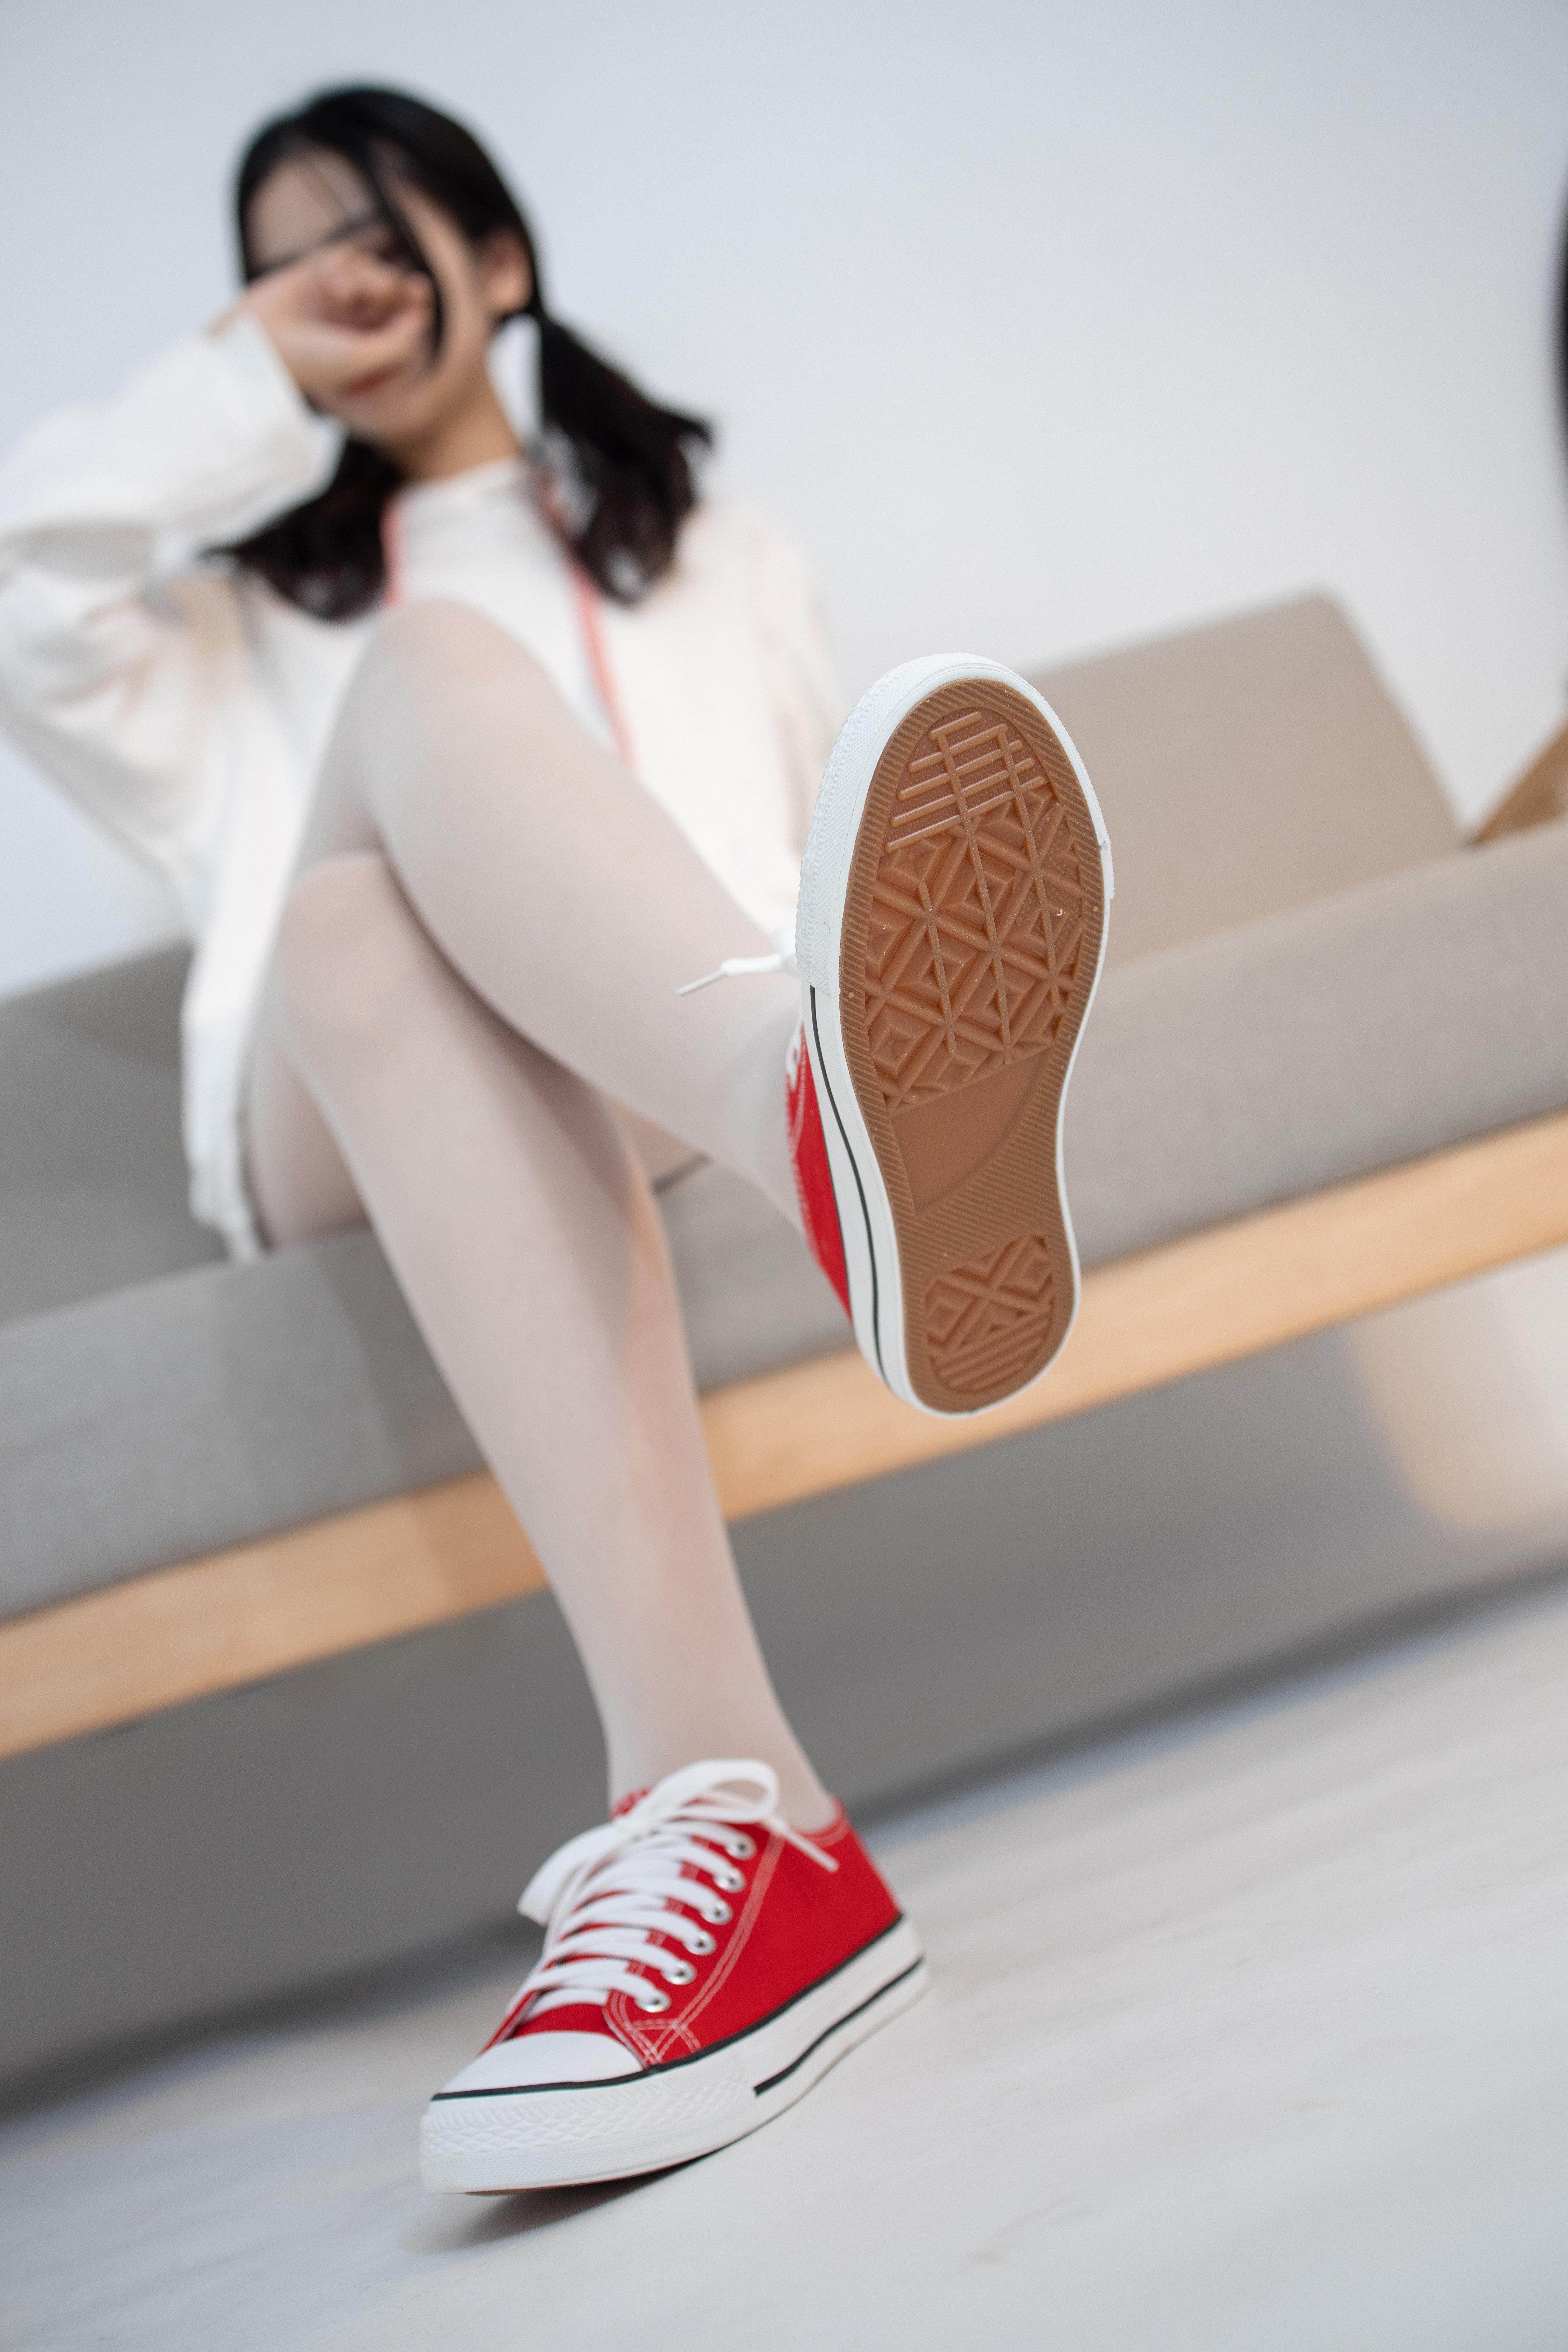 JKFUN-红色帆布鞋 无水印(俏皮的小学妹)资源内含视频!!!